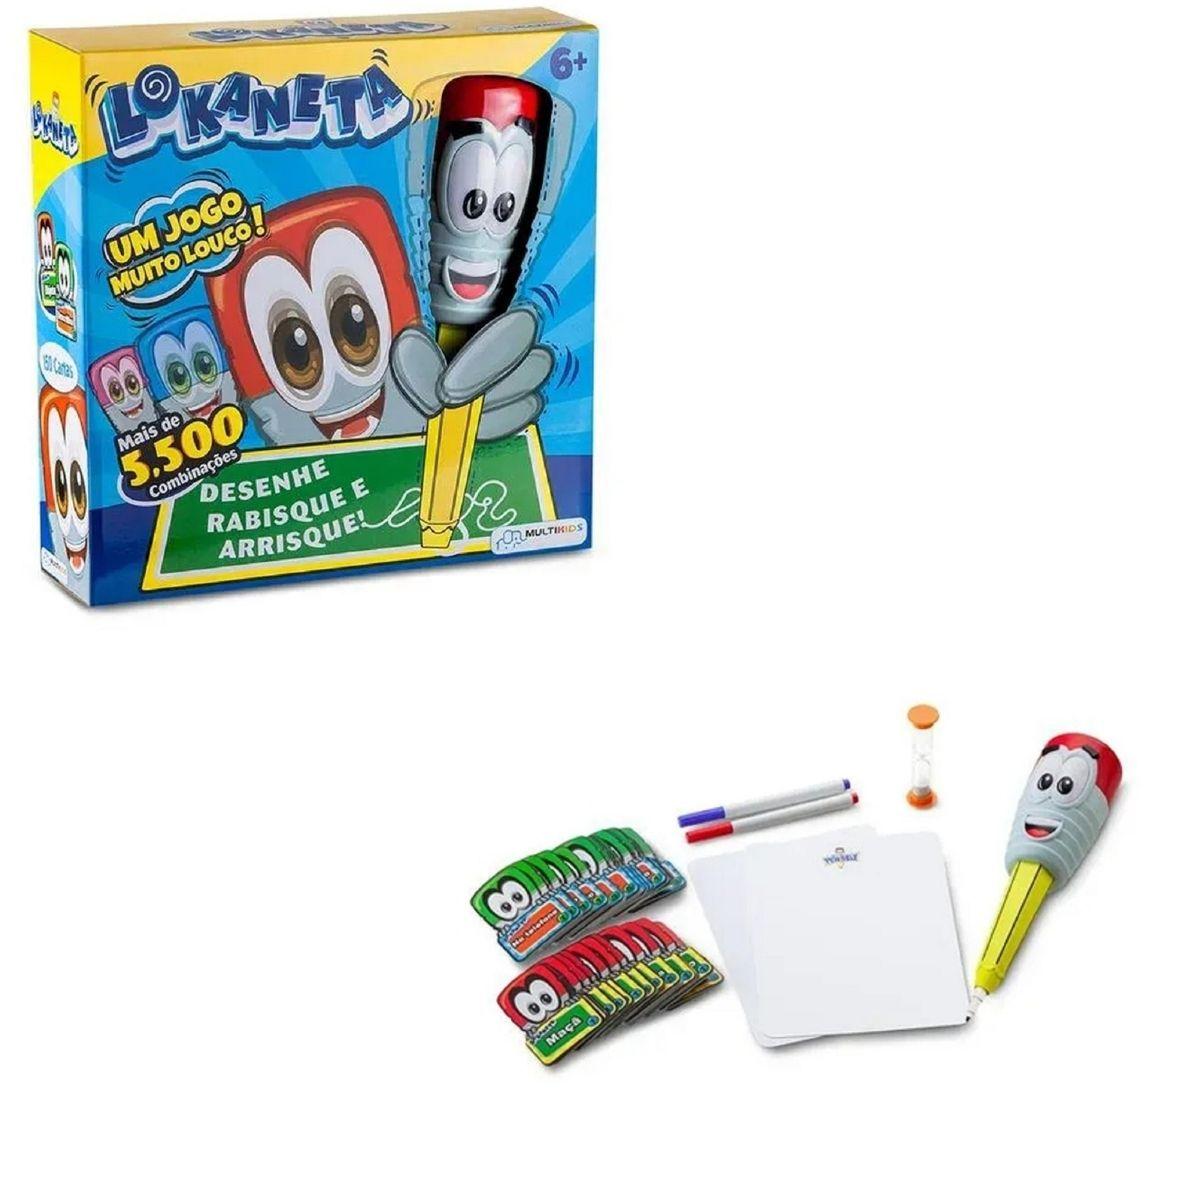 Brinquedo Infantil Lokaneta Jogos de Cartas Multikids